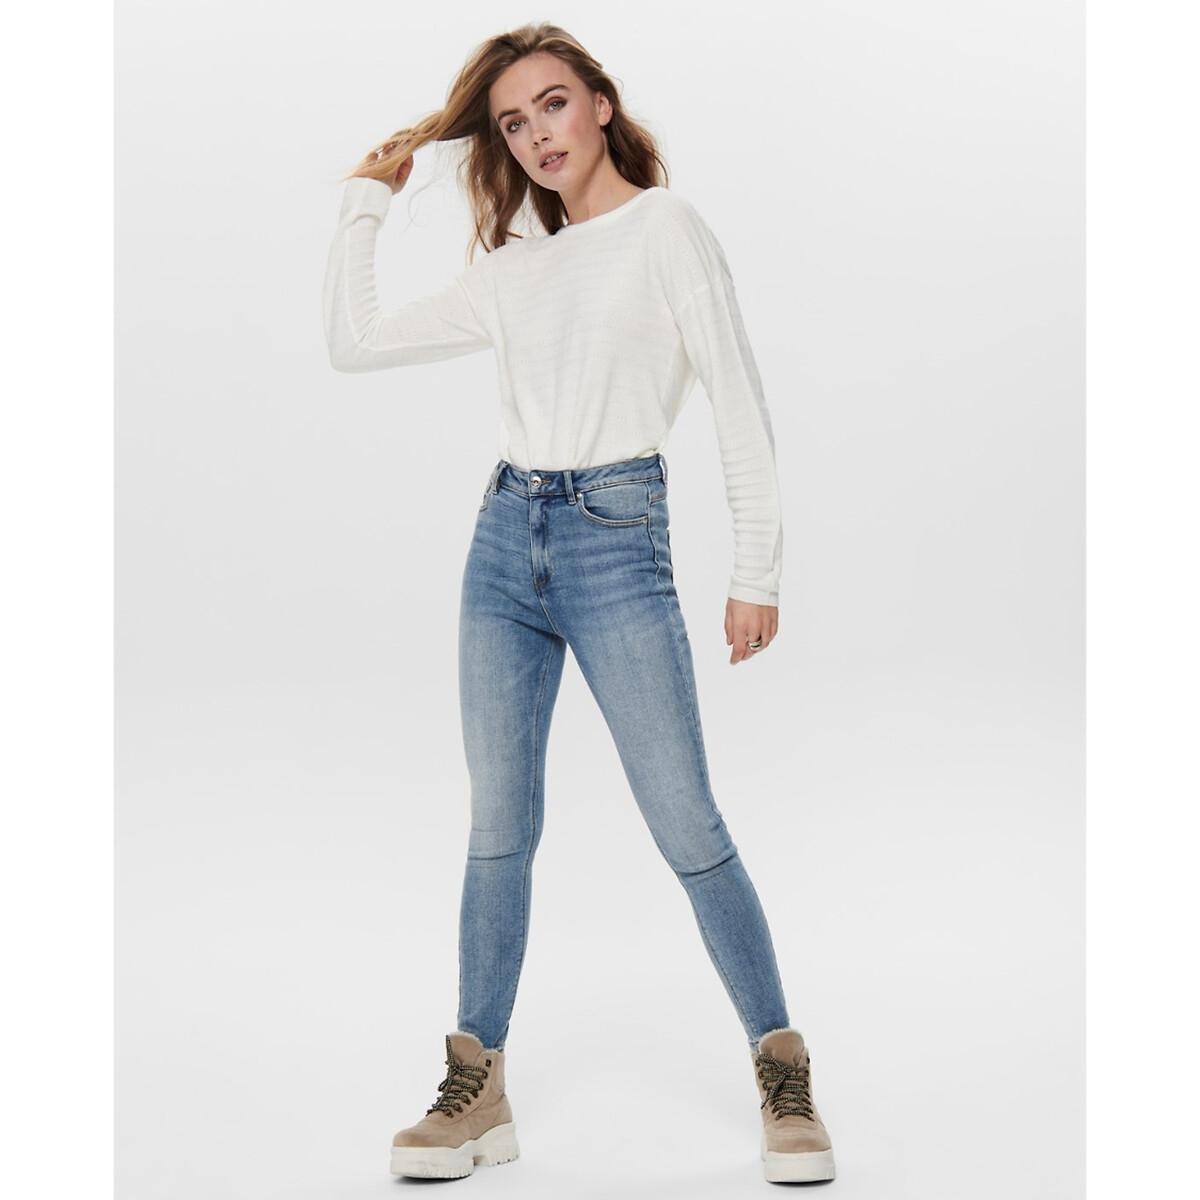 Пуловер La Redoute Из тонкого трикотажа с круглым вырезом L бежевый пуловер la redoute с круглым вырезом из тонкого трикотажа m красный